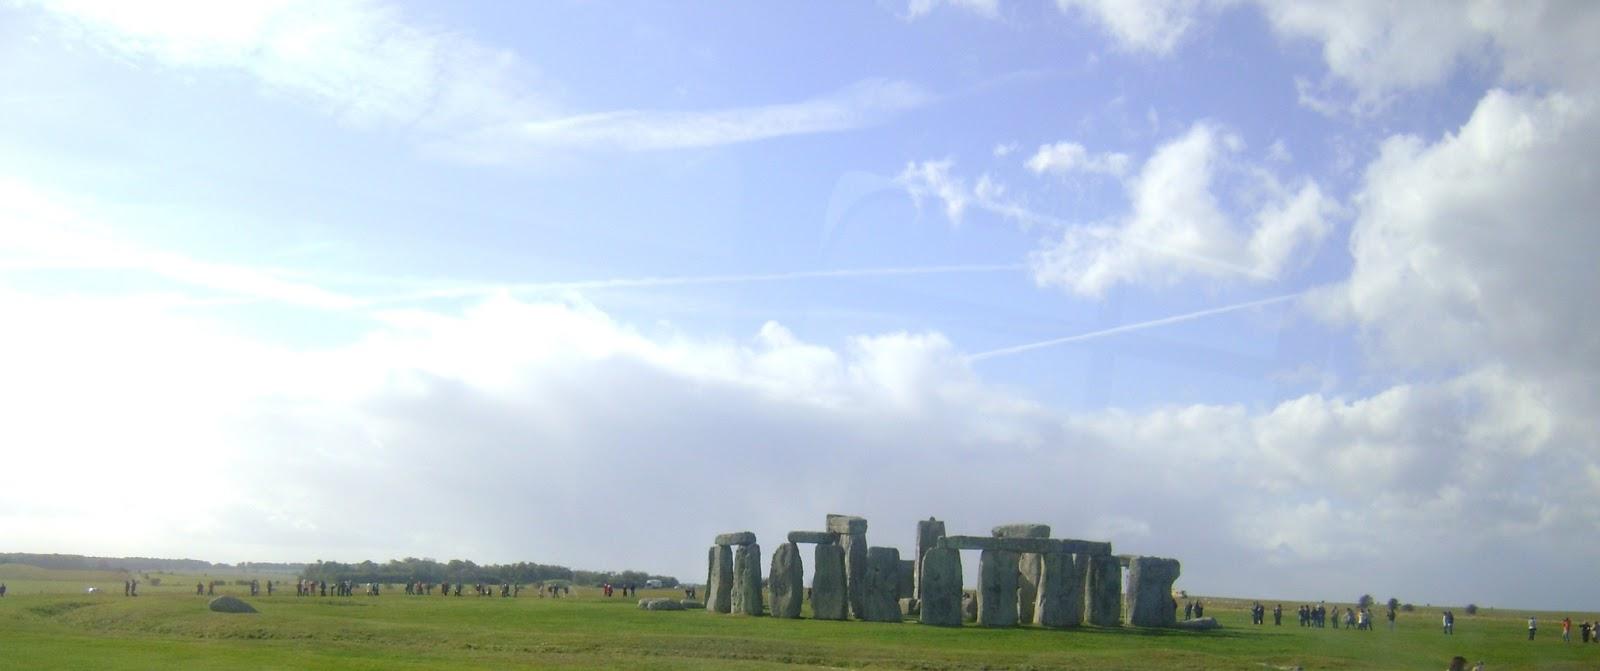 Stonehenge a la distancia... geográfica y monetaria.